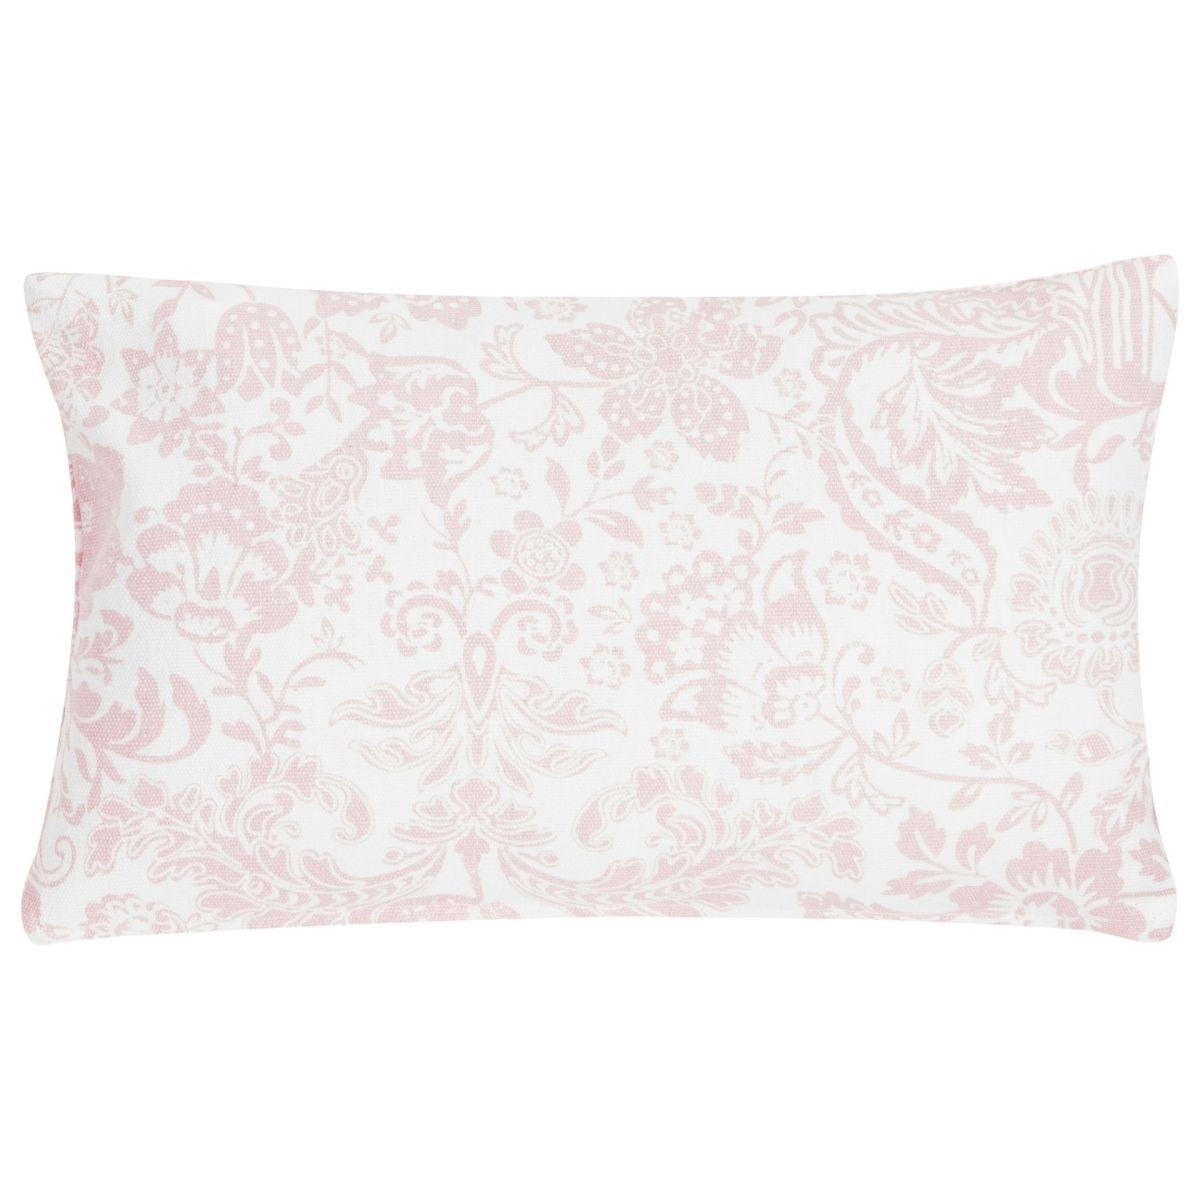 Poduszka z poszewką Paisley Flower biało różowa 30x50 cm